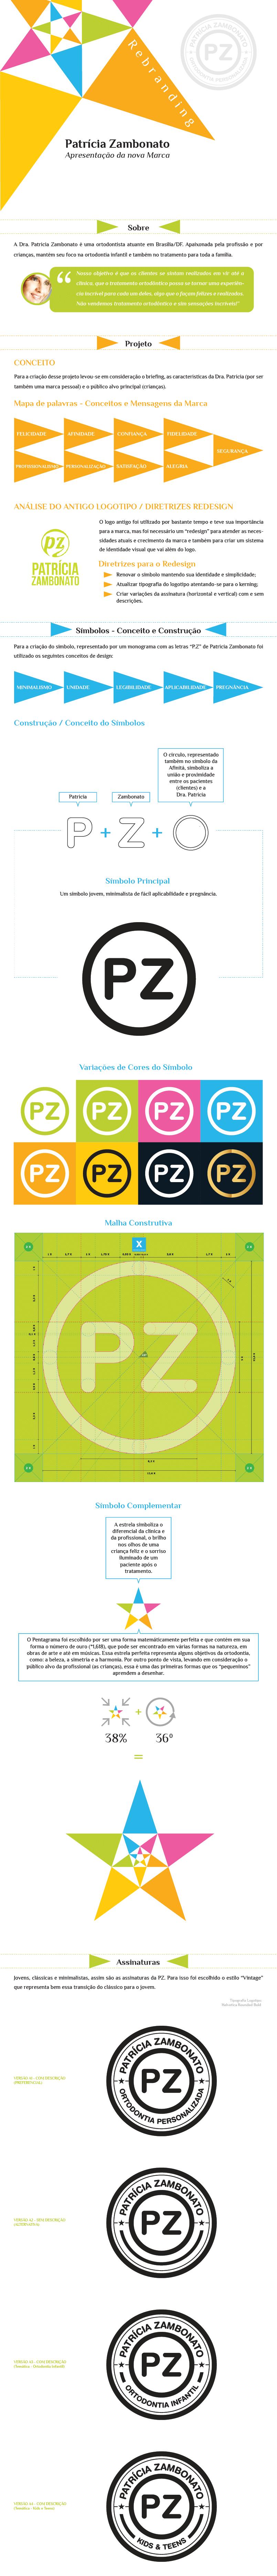 apresentacao-marca-patricia-zambonato-pz-1